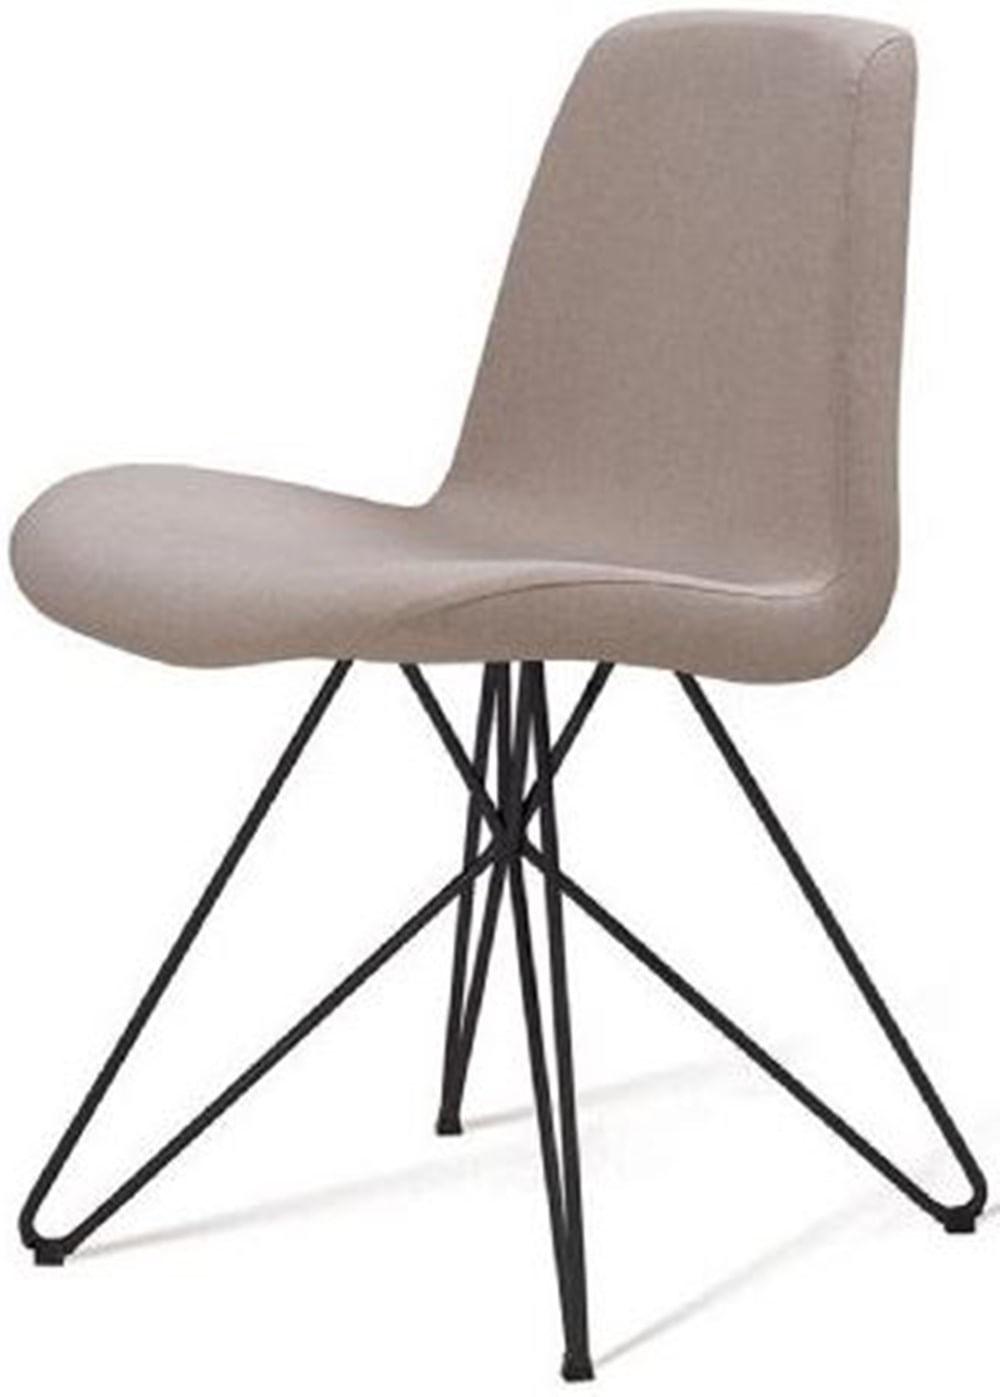 Cadeira Eames Estofada Bege Base Butterfly Preta - 45171